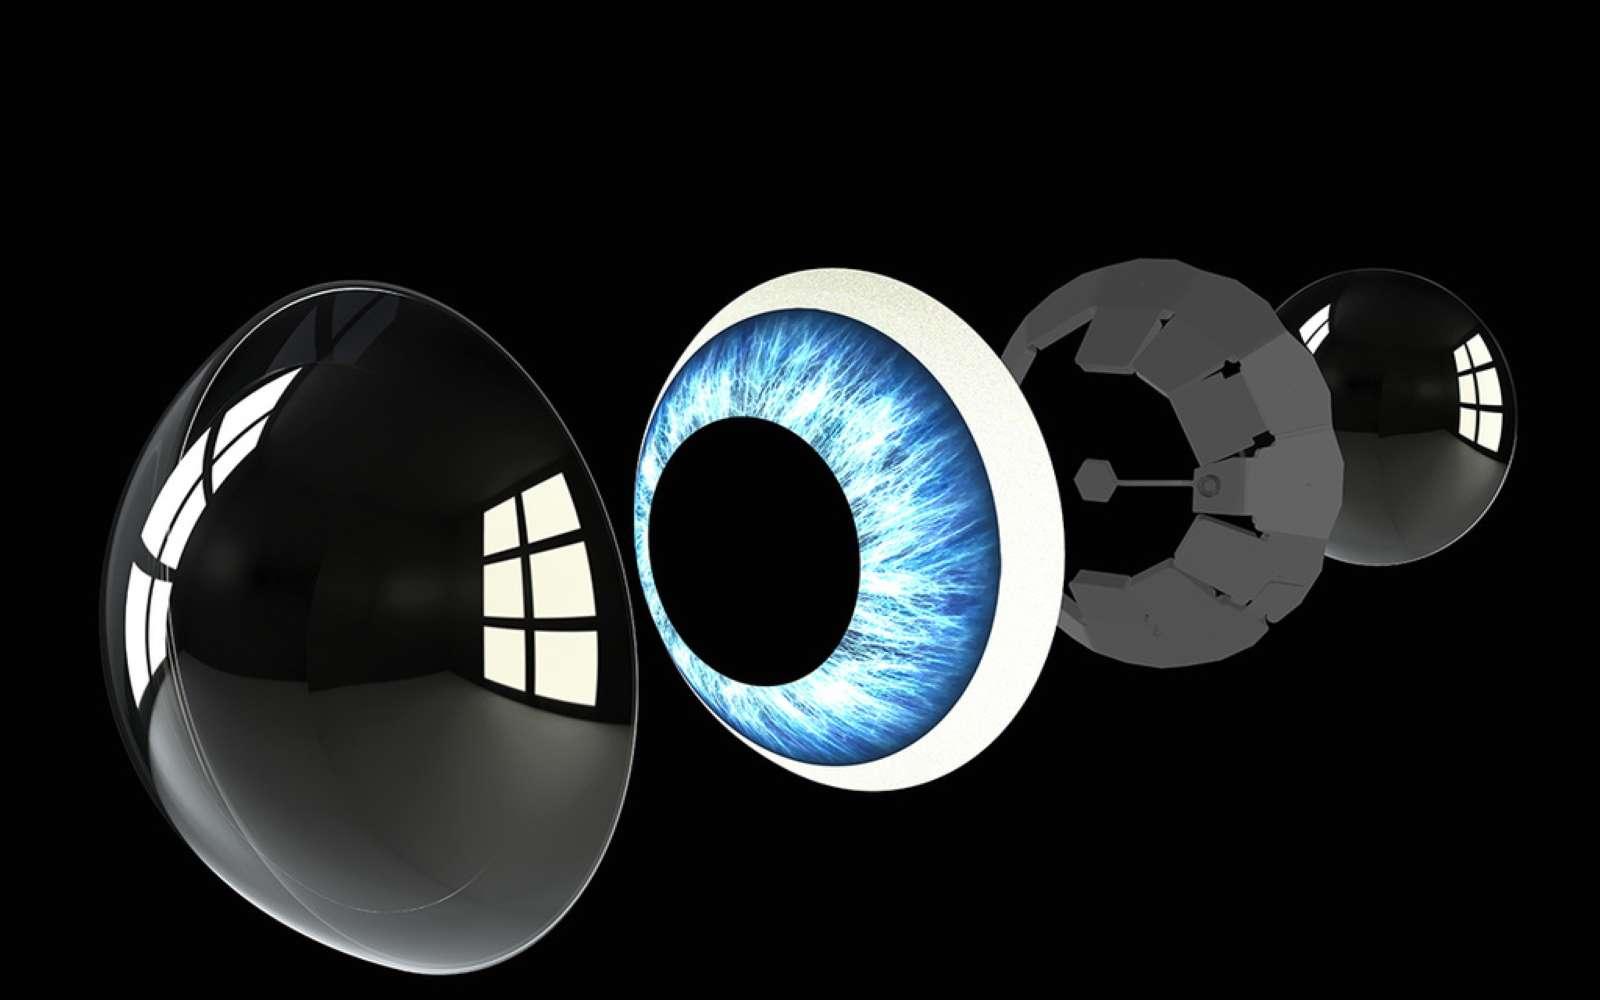 La lentille de contact permet de suivre le regard et d'afficher les informations en réalité augmentée. © Mojo Vision